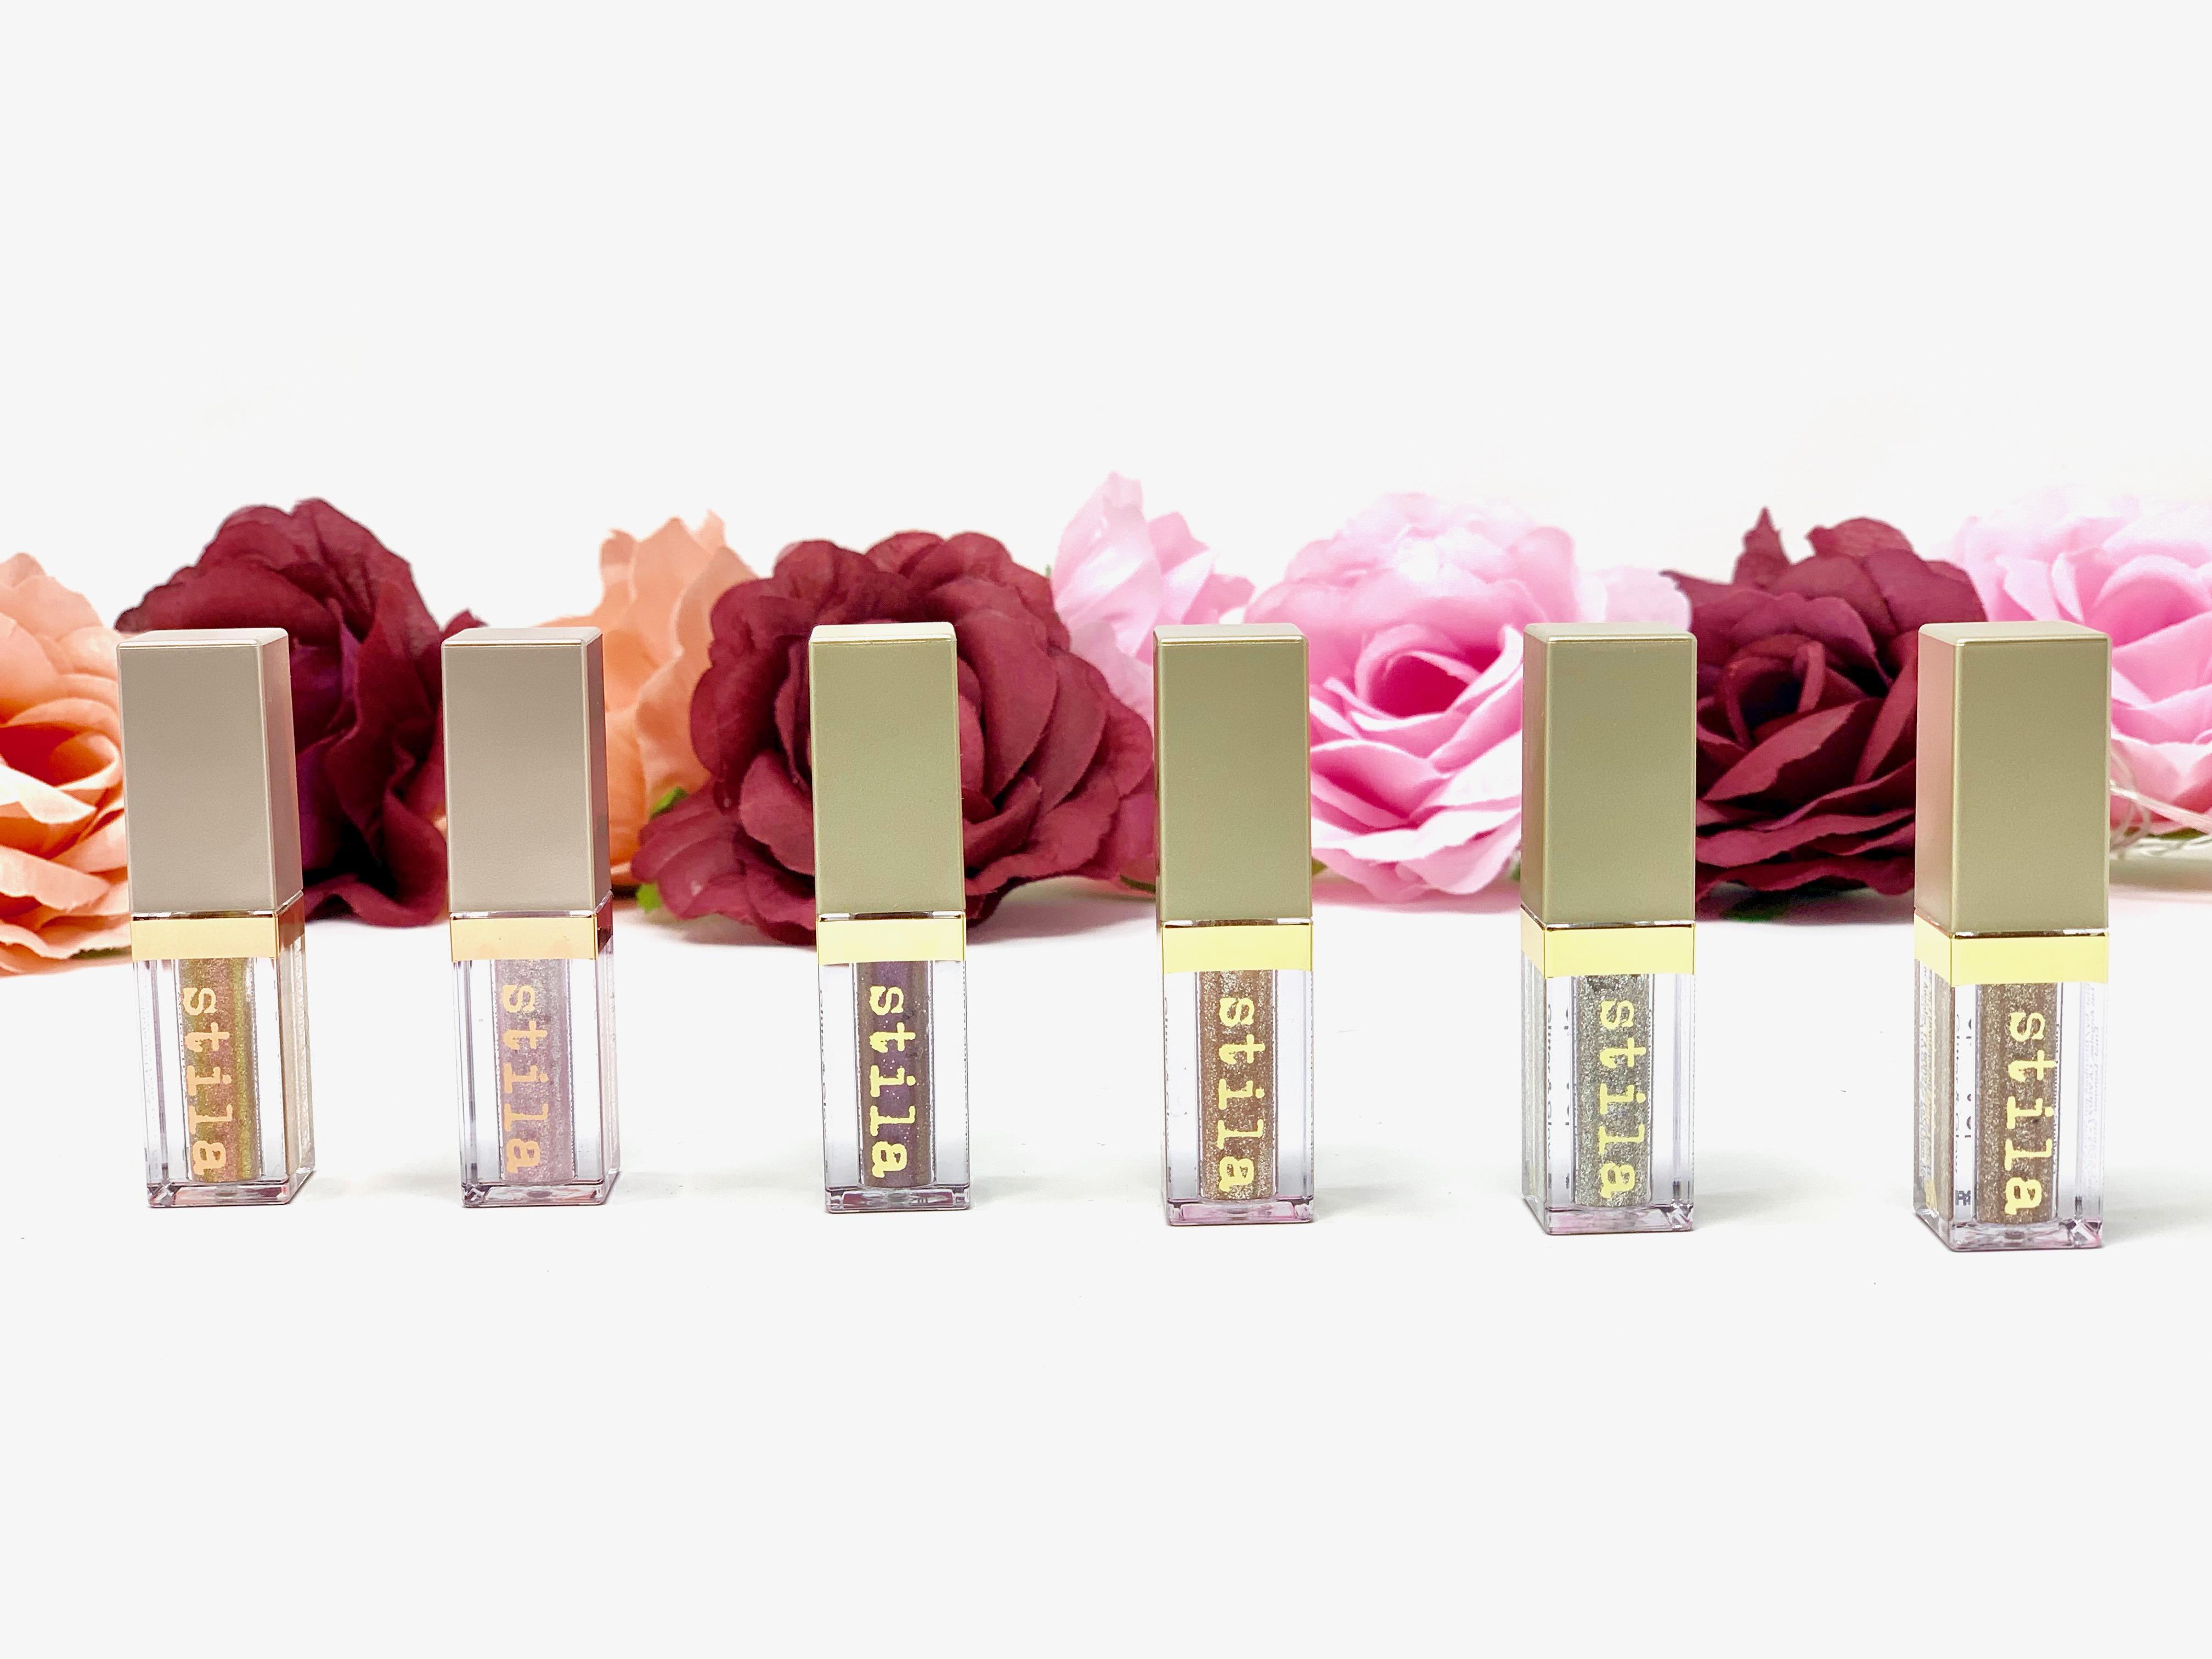 Stilla Aura Alight Glitter & Glow Set